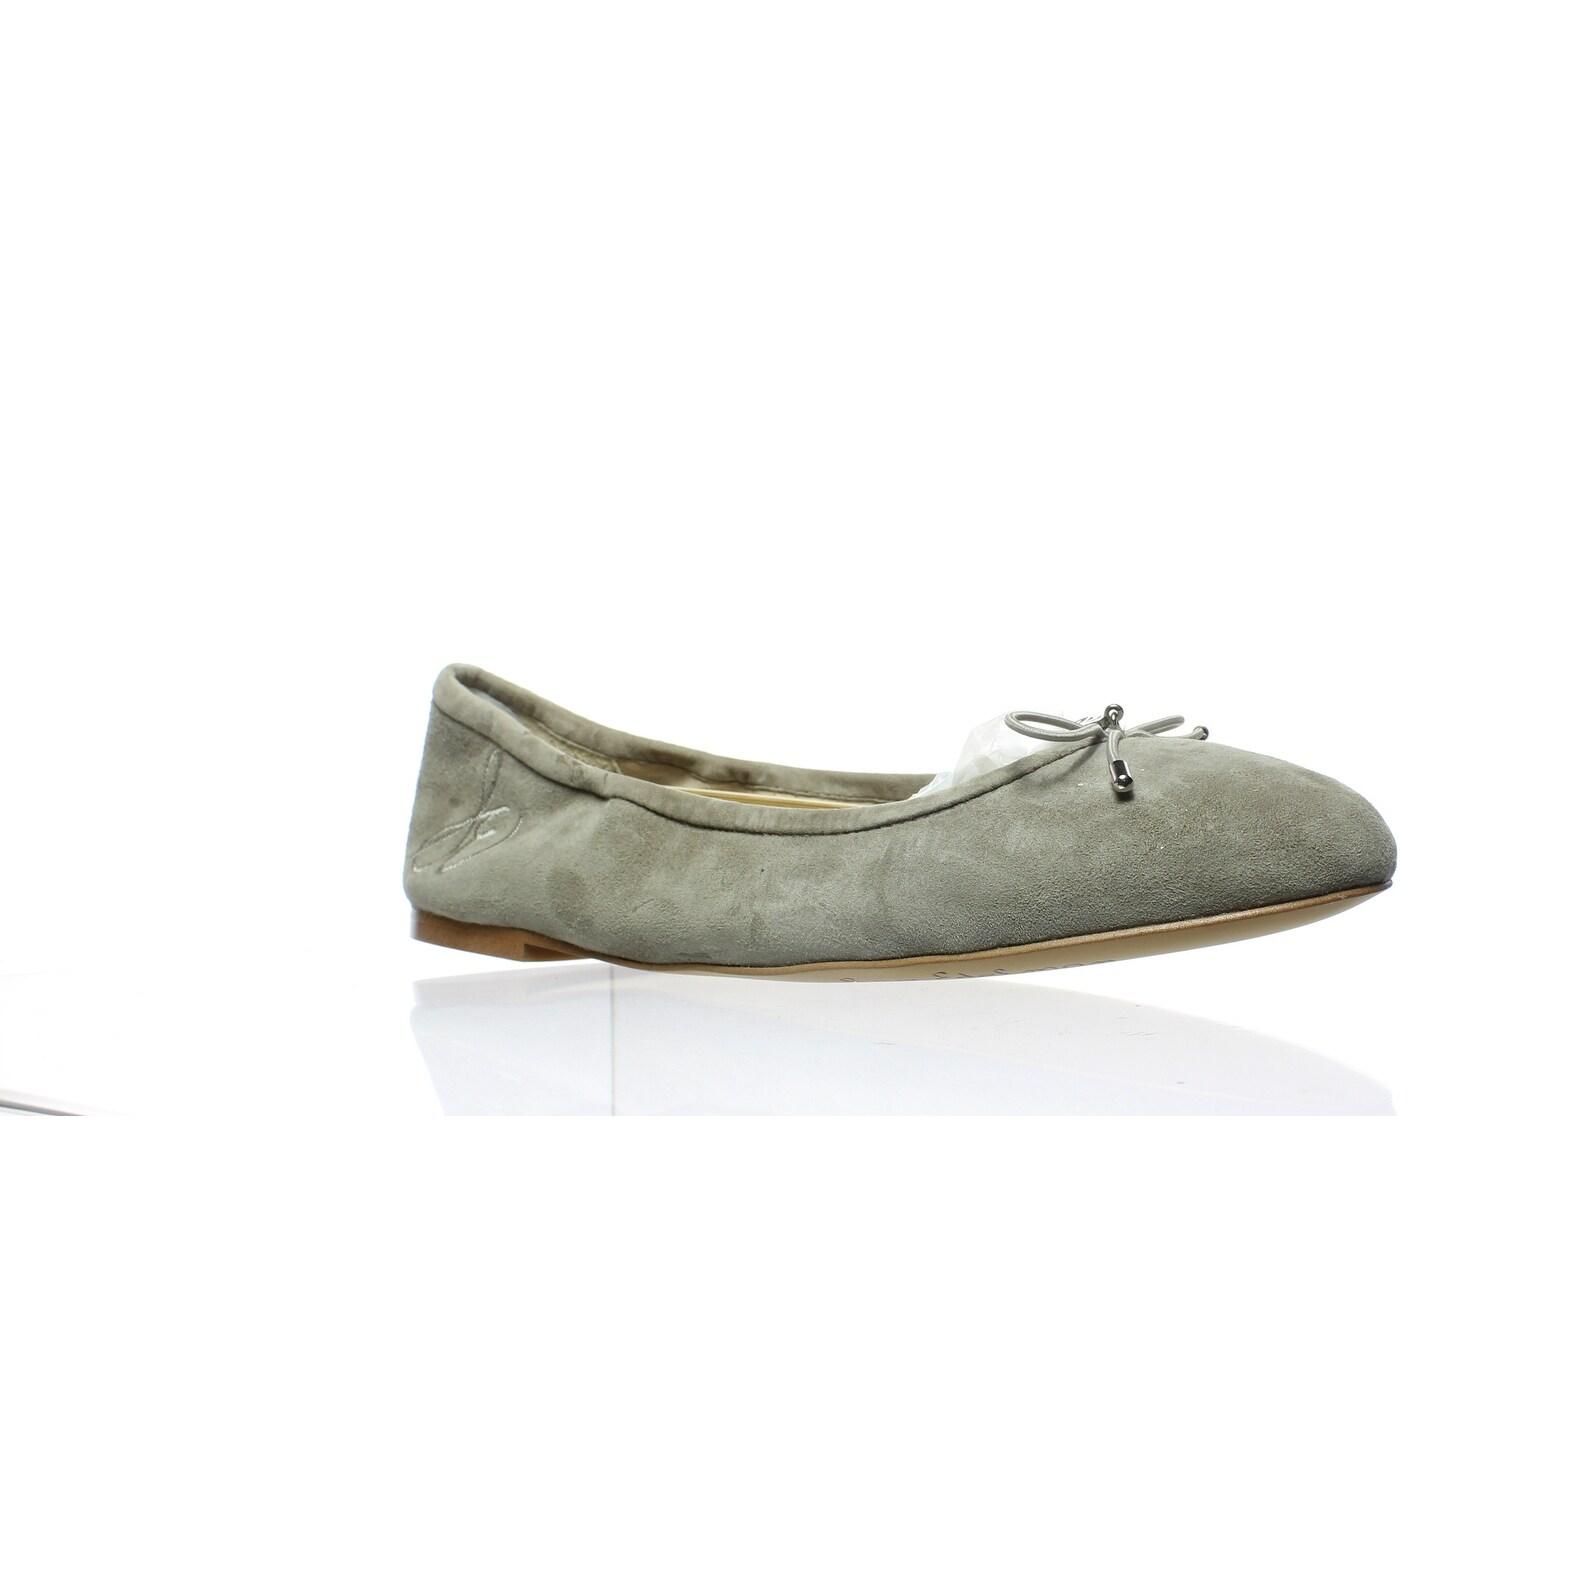 37a9fba6a0a05c Buy Sam Edelman Women s Flats Online at Overstock